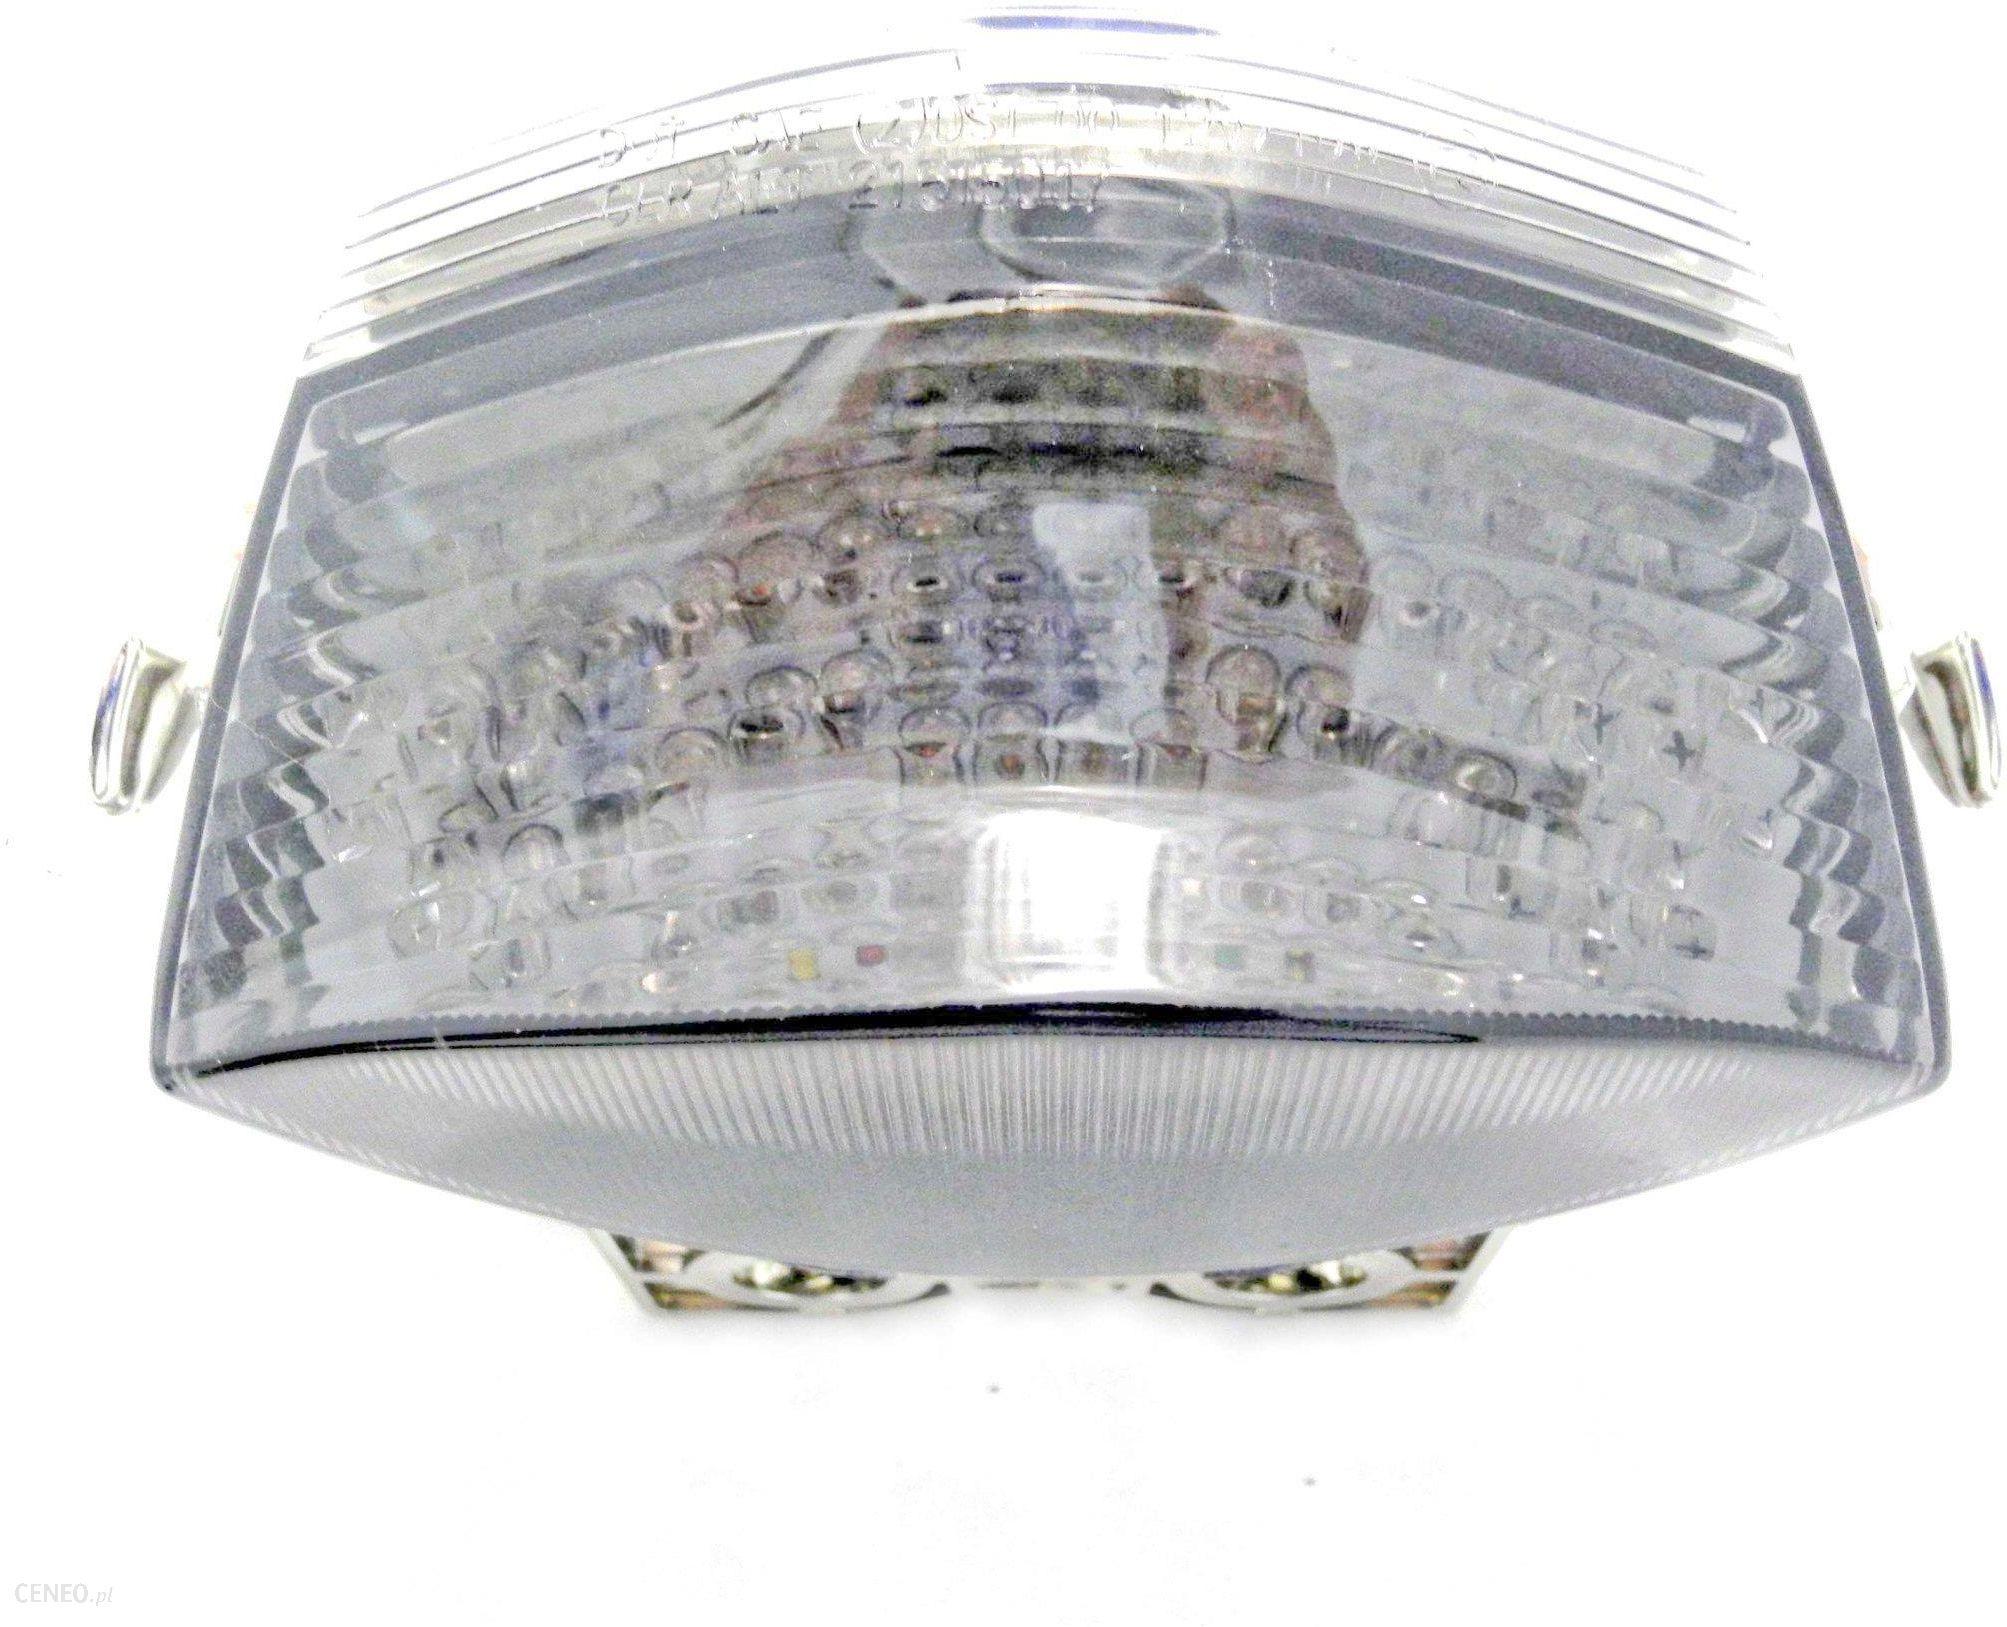 lampy led motocyklowe ceneo